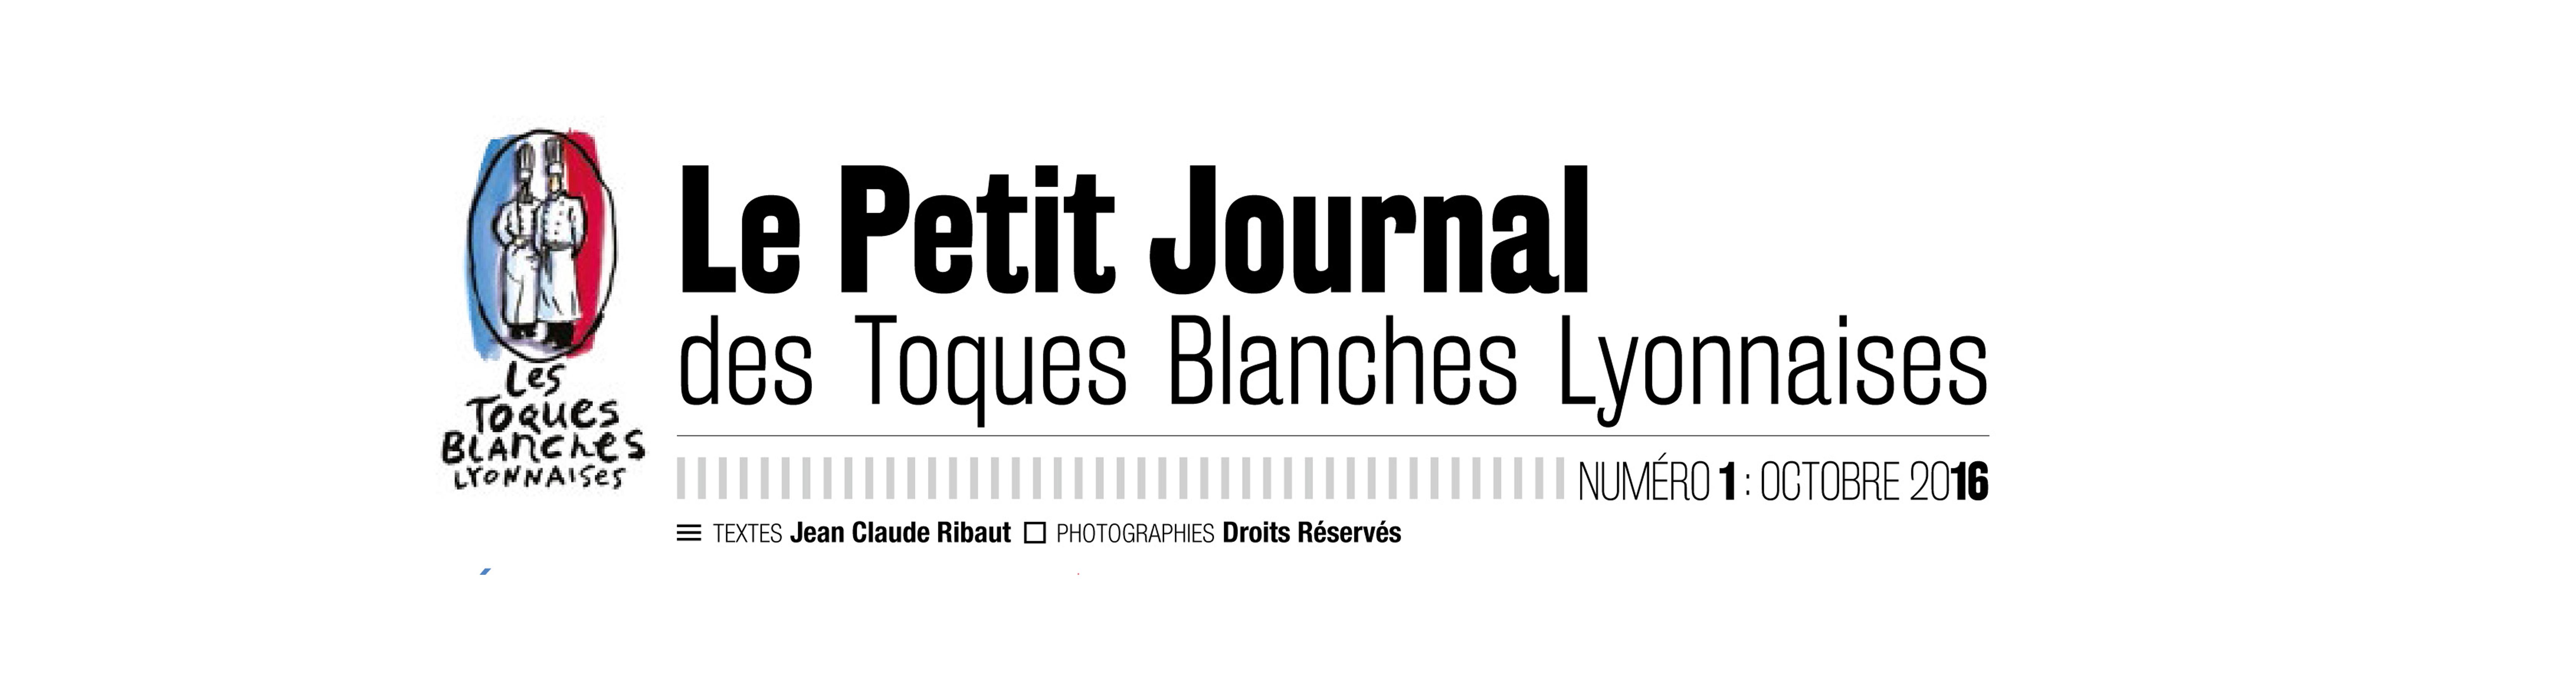 NOUVEAU ! LANCEMENT DE LA NEWSLETTER DES TOQUES BLANCHES LYONNAISES